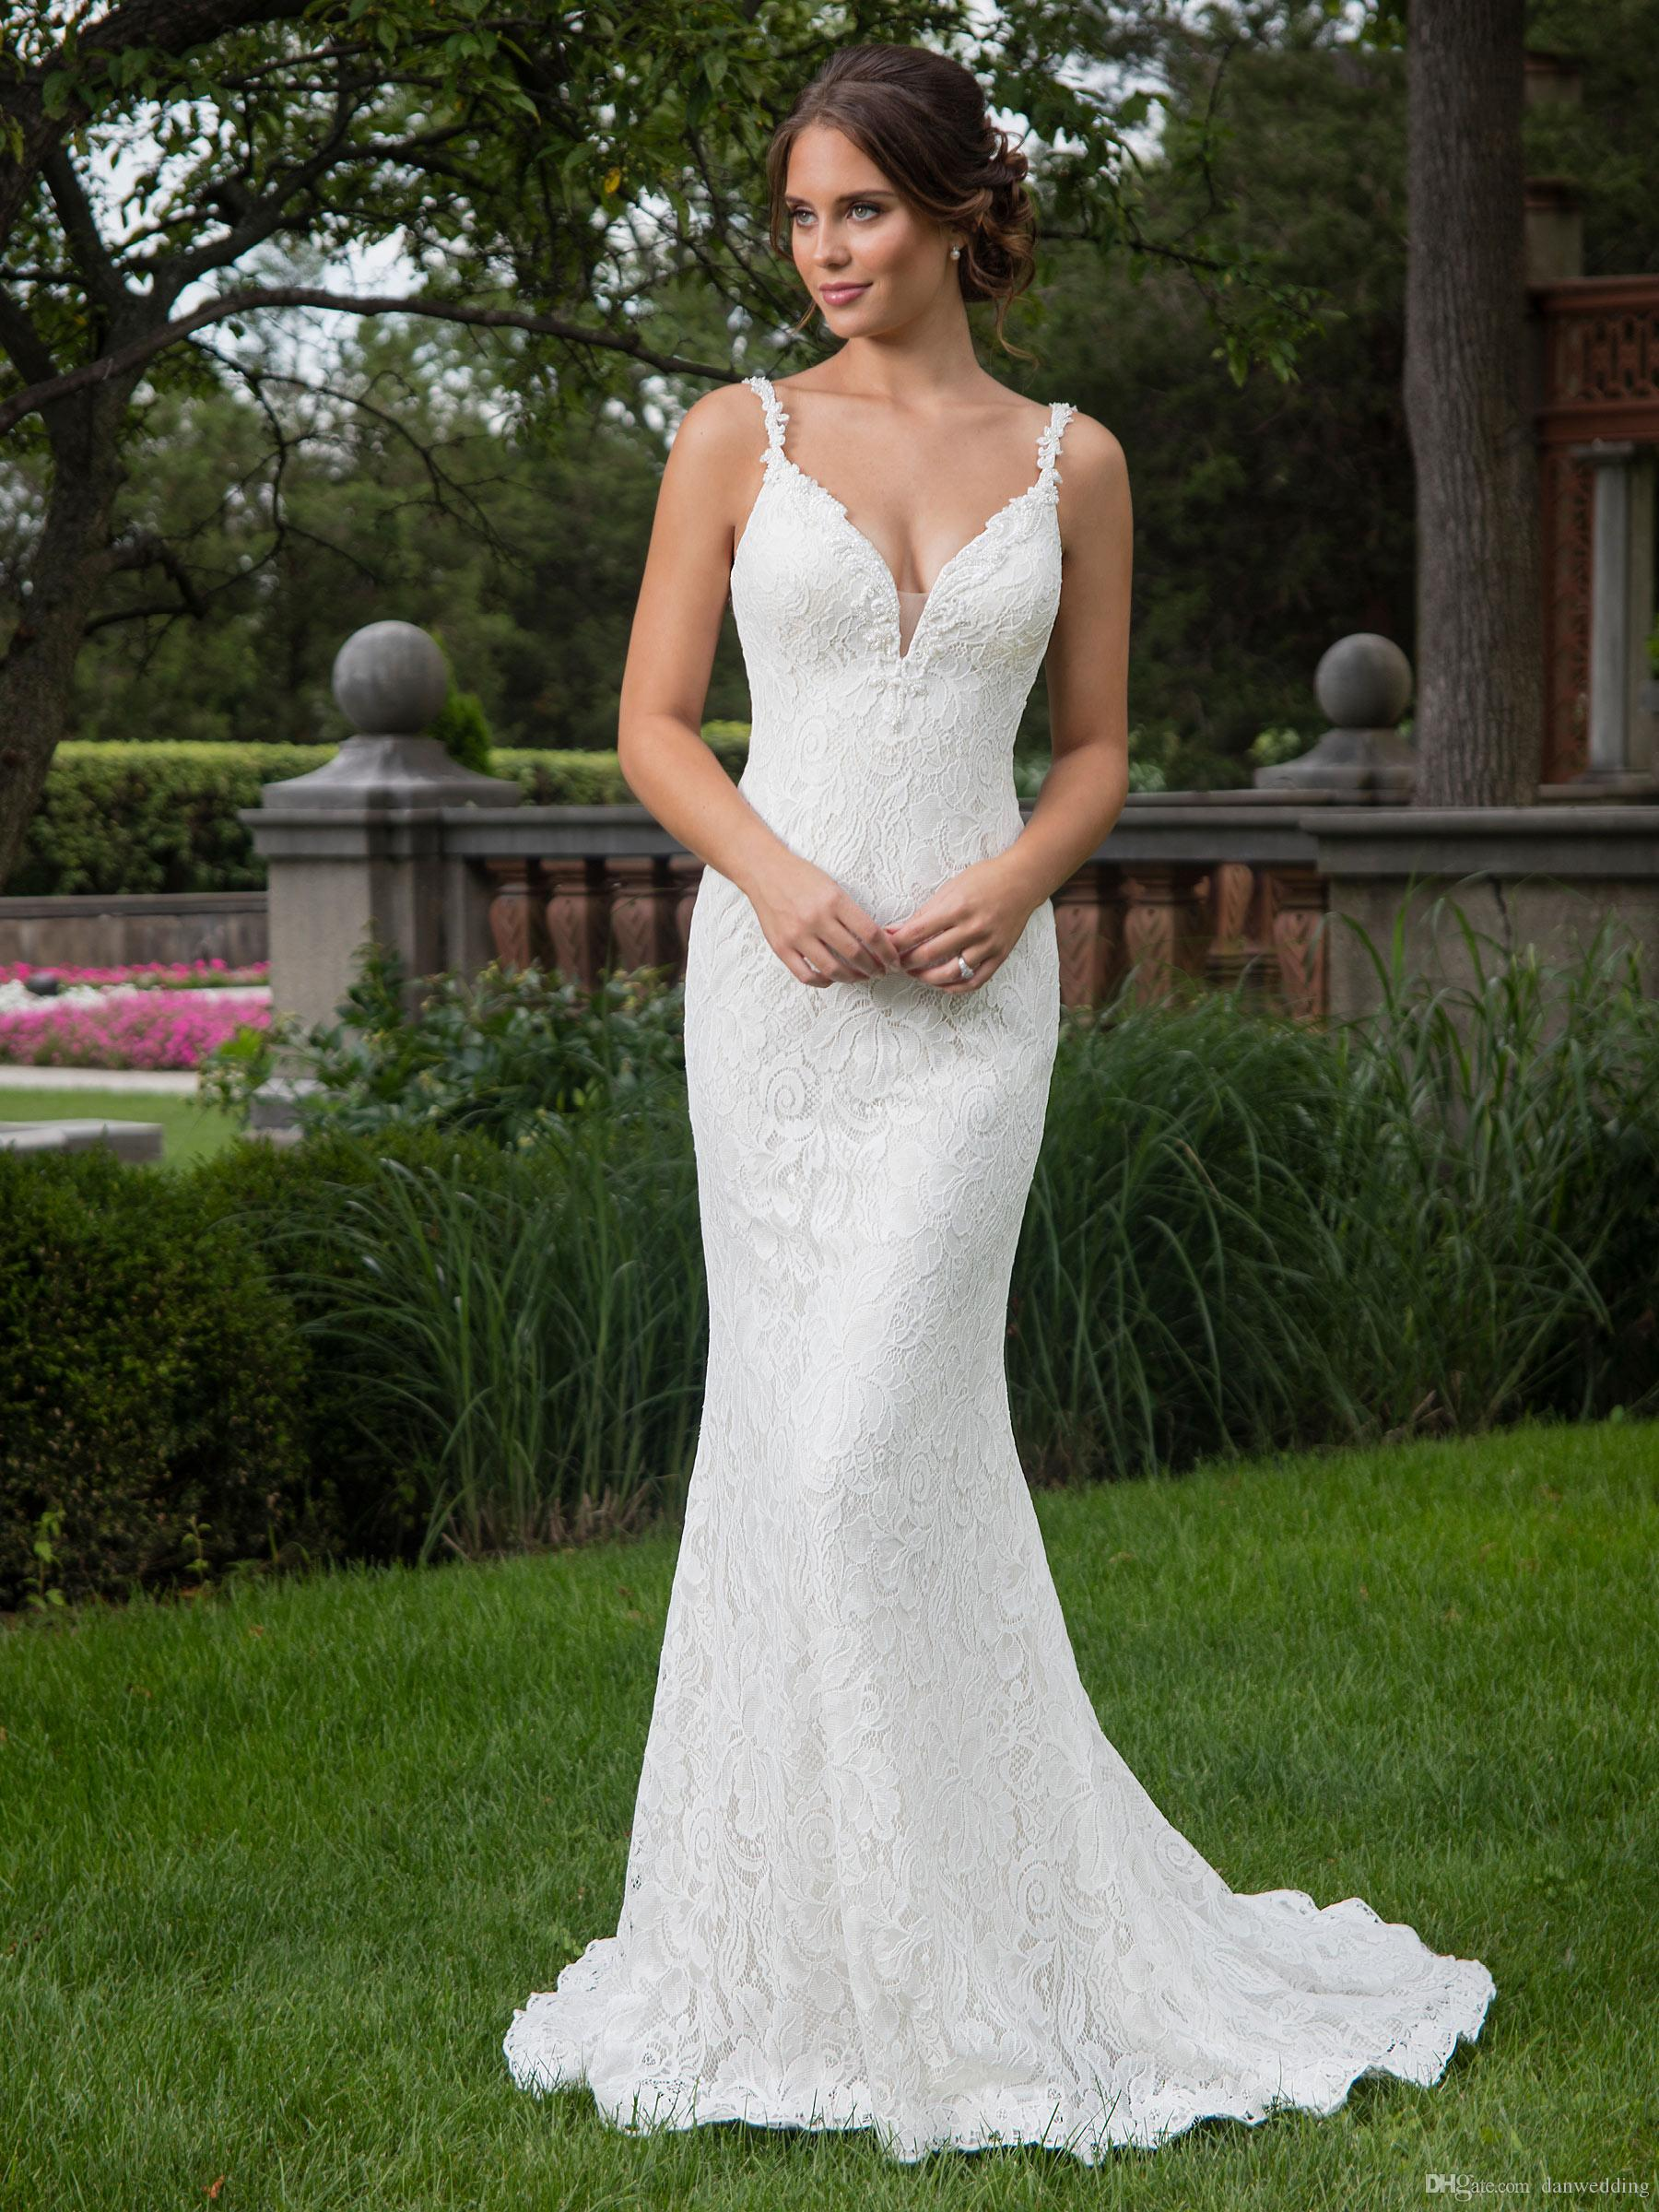 Weiß V Spaghetti Meerjungfrau Pageant Größe Kleider Elfenbein Sexy Benutzerdefinierte Ausschnitt Braut Hochzeitskleider Perlen Brautkleider hxsQCorBtd